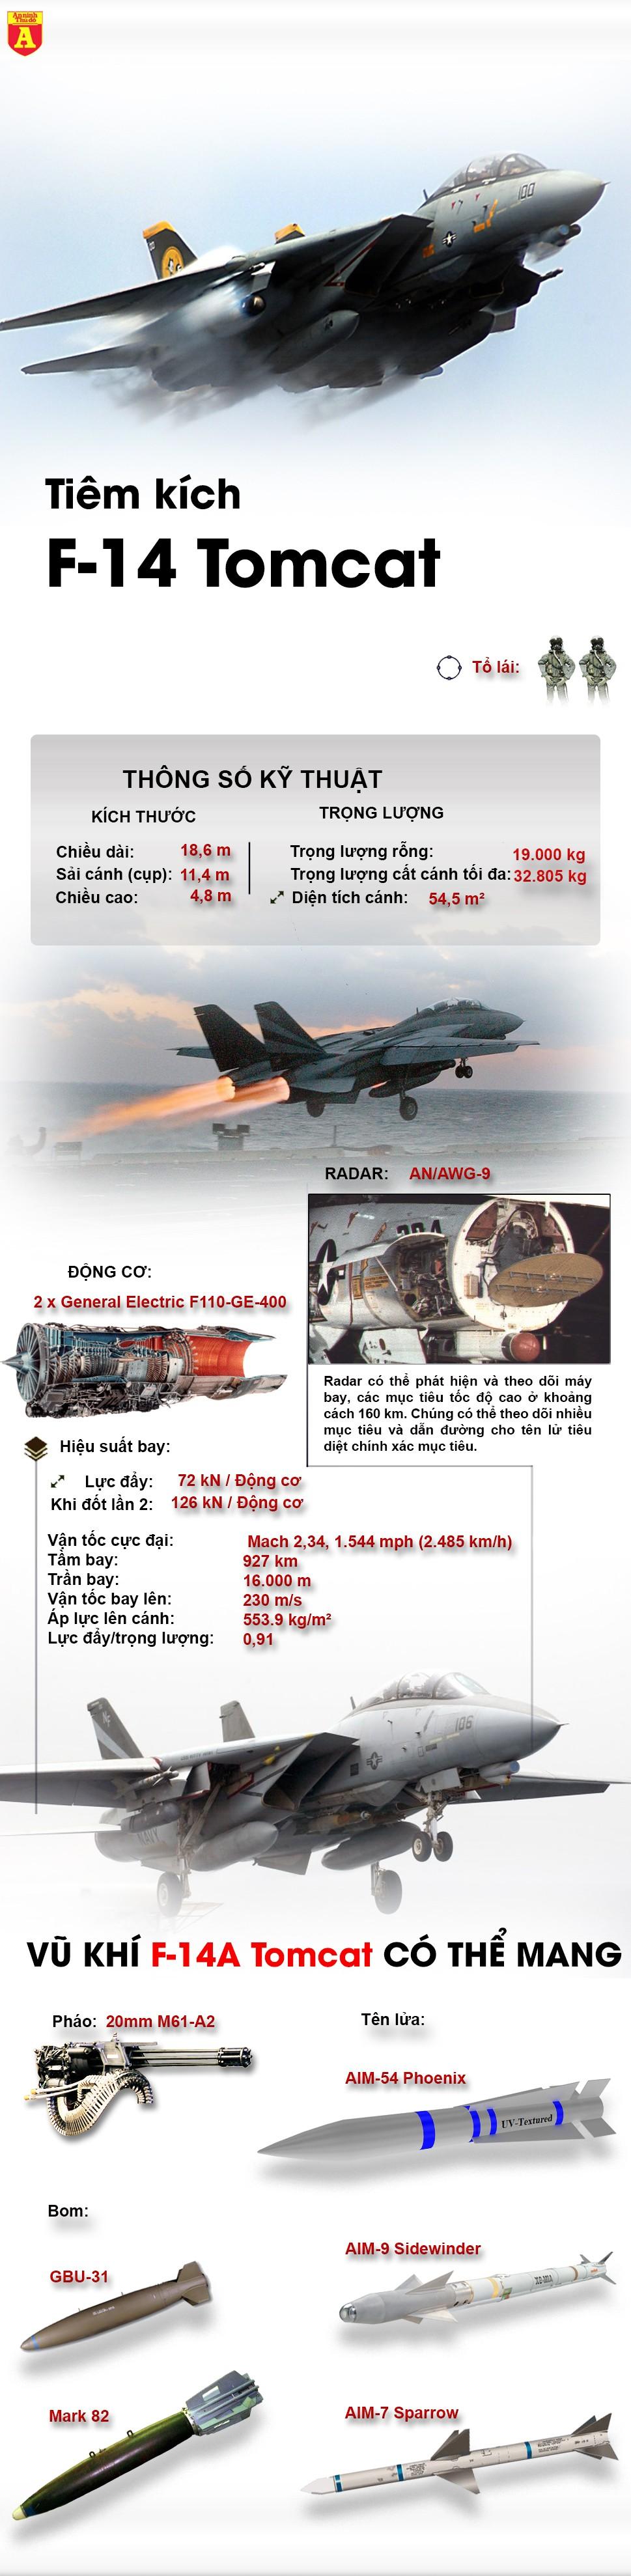 """[Infographic] Mỹ bất an khi """"Mèo đực bầu trời"""" F-14 tiếp tục tung cánh ảnh 2"""